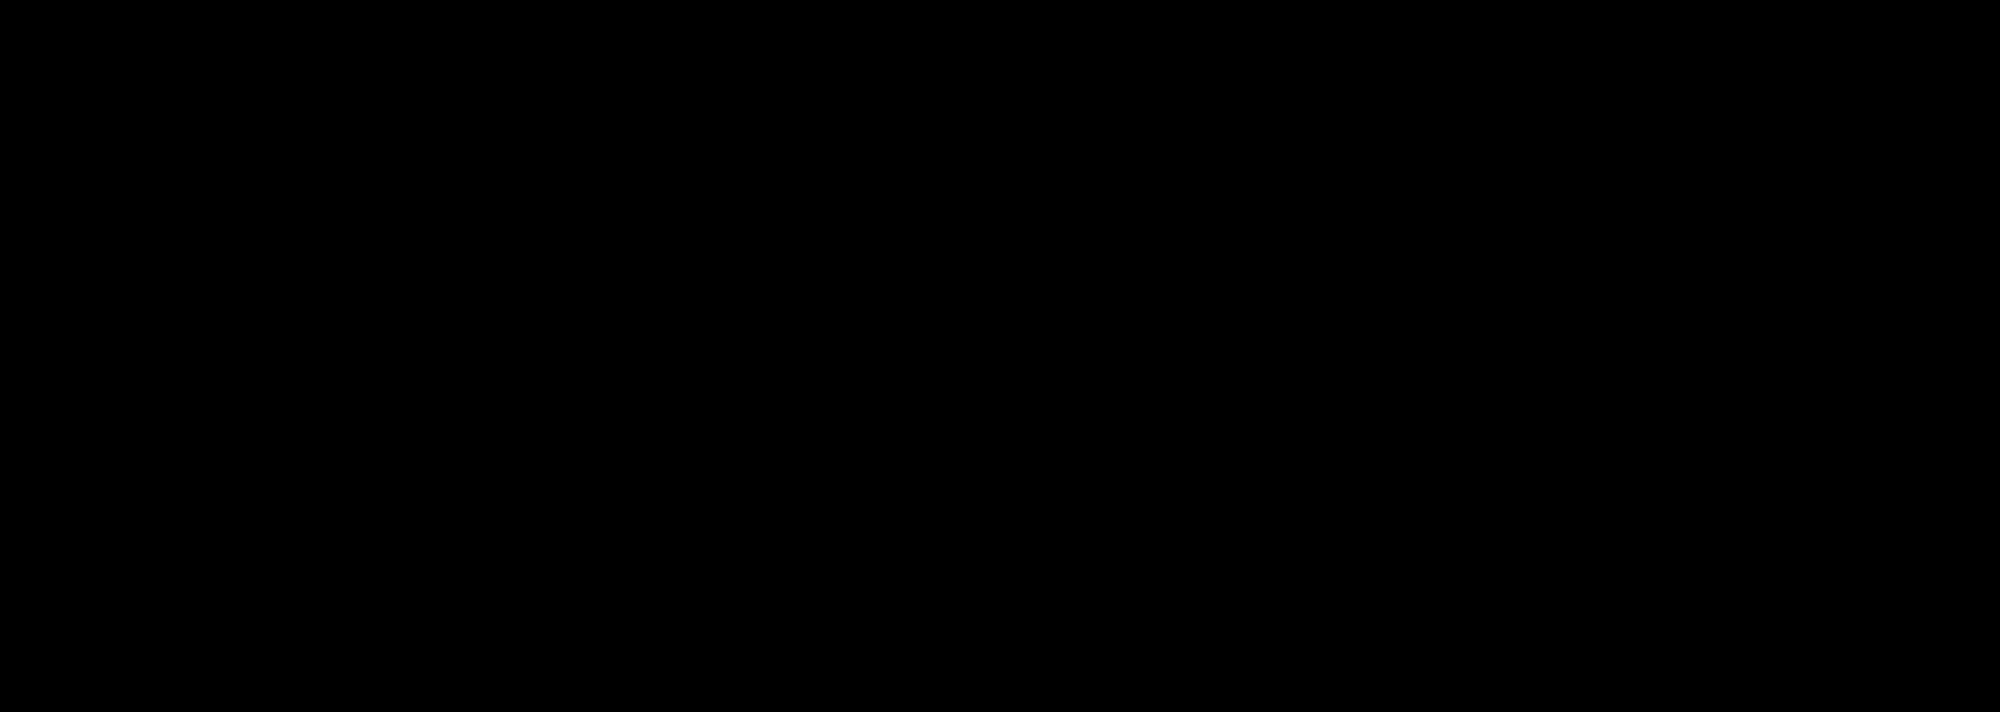 SPL_textBW-01-2kb.png